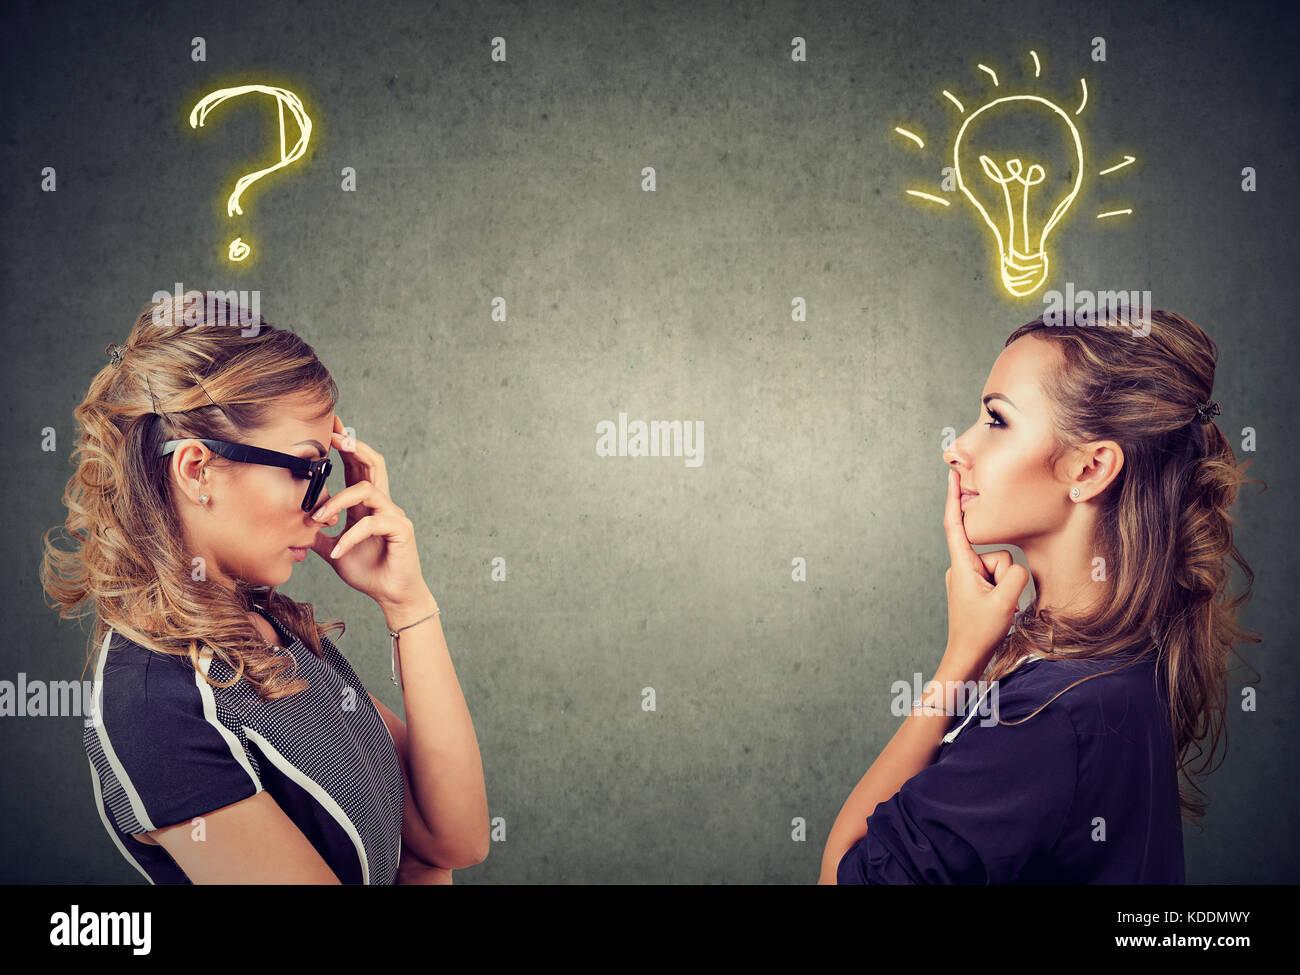 Due donne pensando uno ha una domanda per un'altra soluzione con lampadina sopra la testa isolata su sfondo Immagini Stock